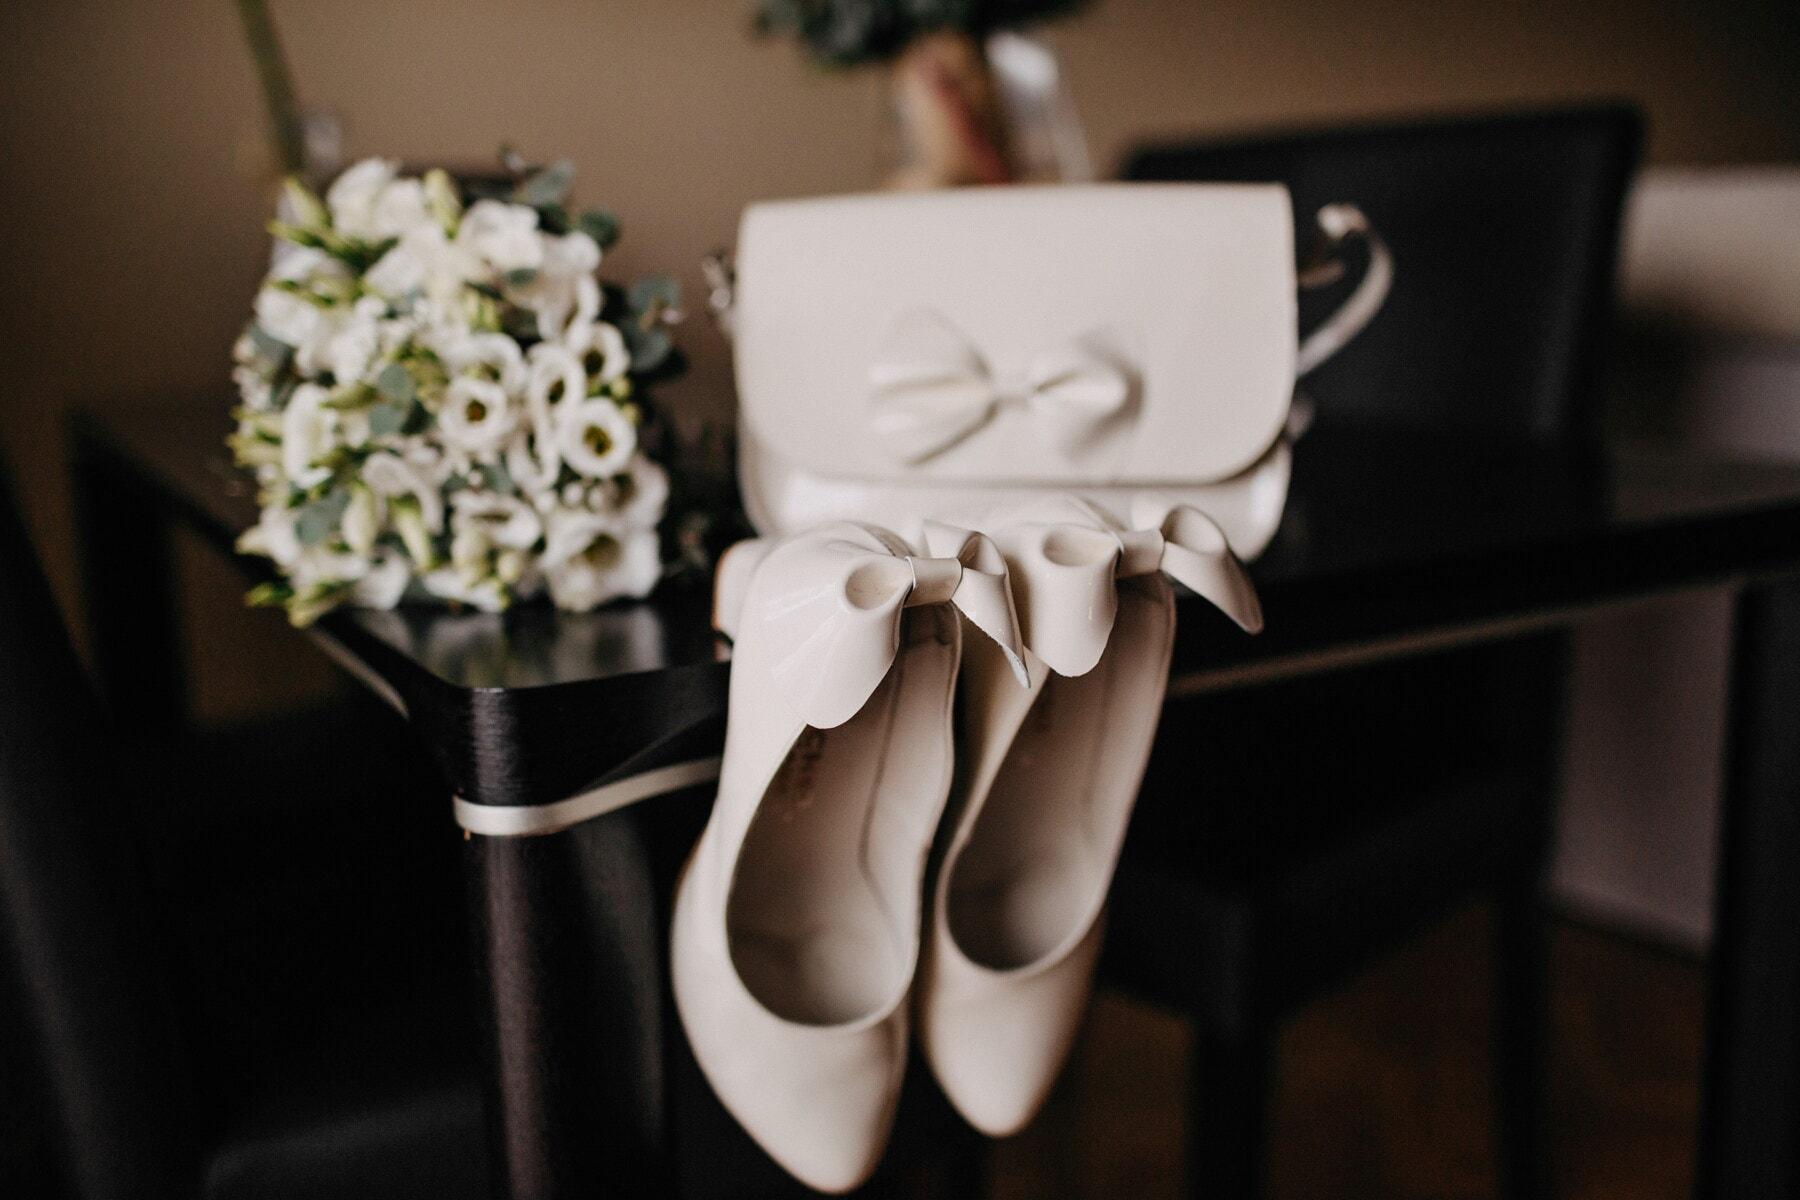 white, shoes, glossy, sandal, elegant, table, bouquet, handbag, flower, still life